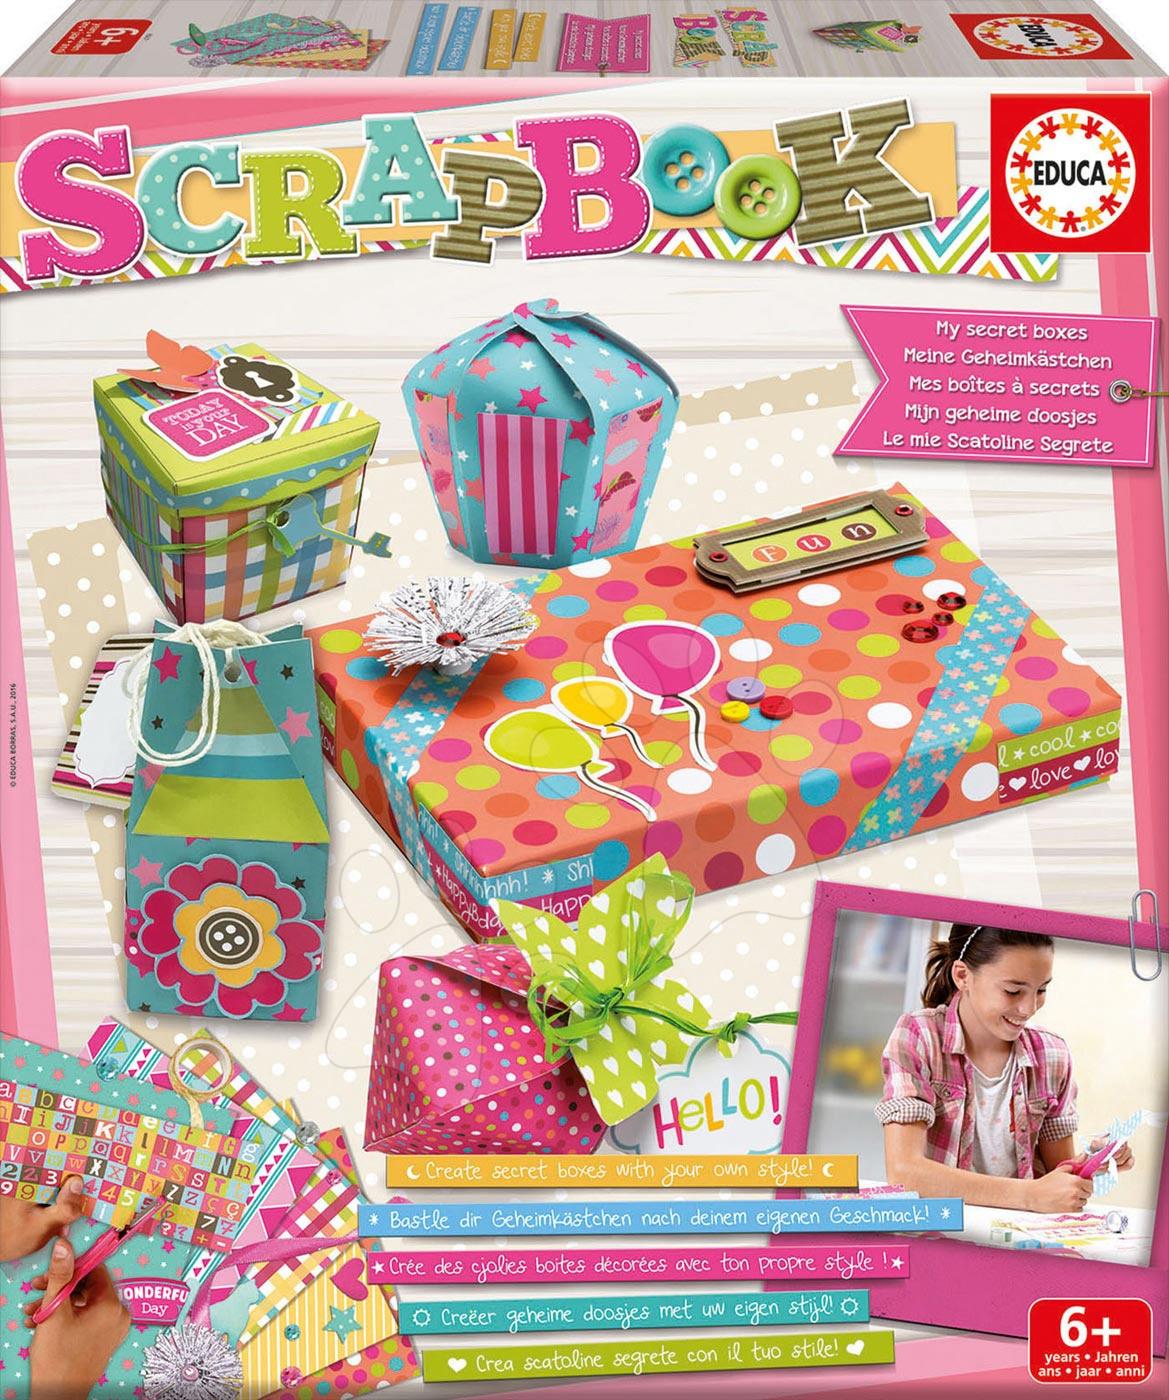 Ručné práce a tvorenie - Kreatívny set Scrapbook Moje tajné krabičky Educa pre šikovné ruky od 6 rokov